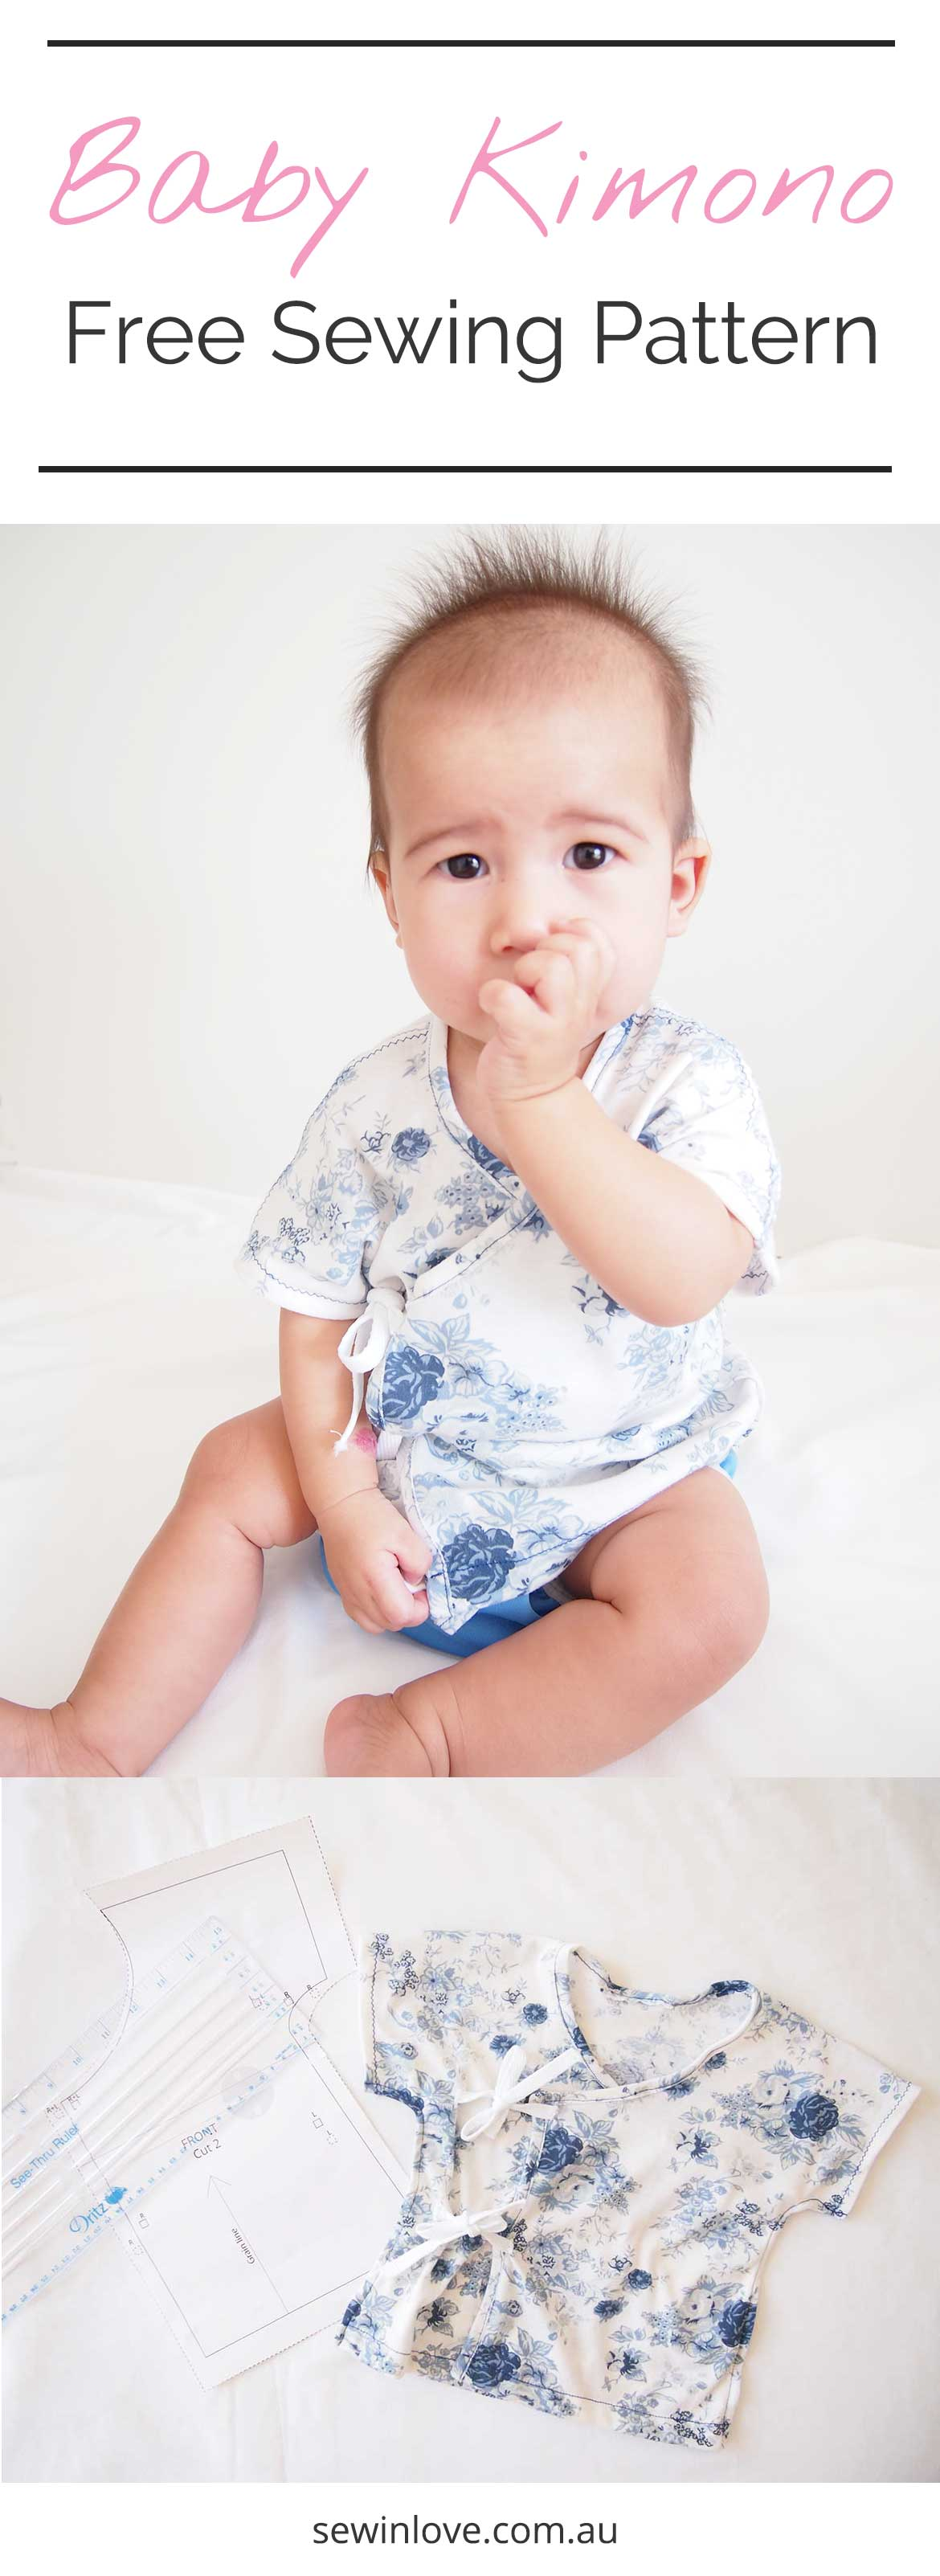 Patron de couture gratuit Kimono bébé | Apprenez à faire un bébé kimono avec ce patron et ce tutoriel gratuits disponibles à Sew in Love. Le kimono est disponible en deux tailles, 3-6 et 6-9 mois. Obtenez le patron de couture sur www.sewinlove.com.au